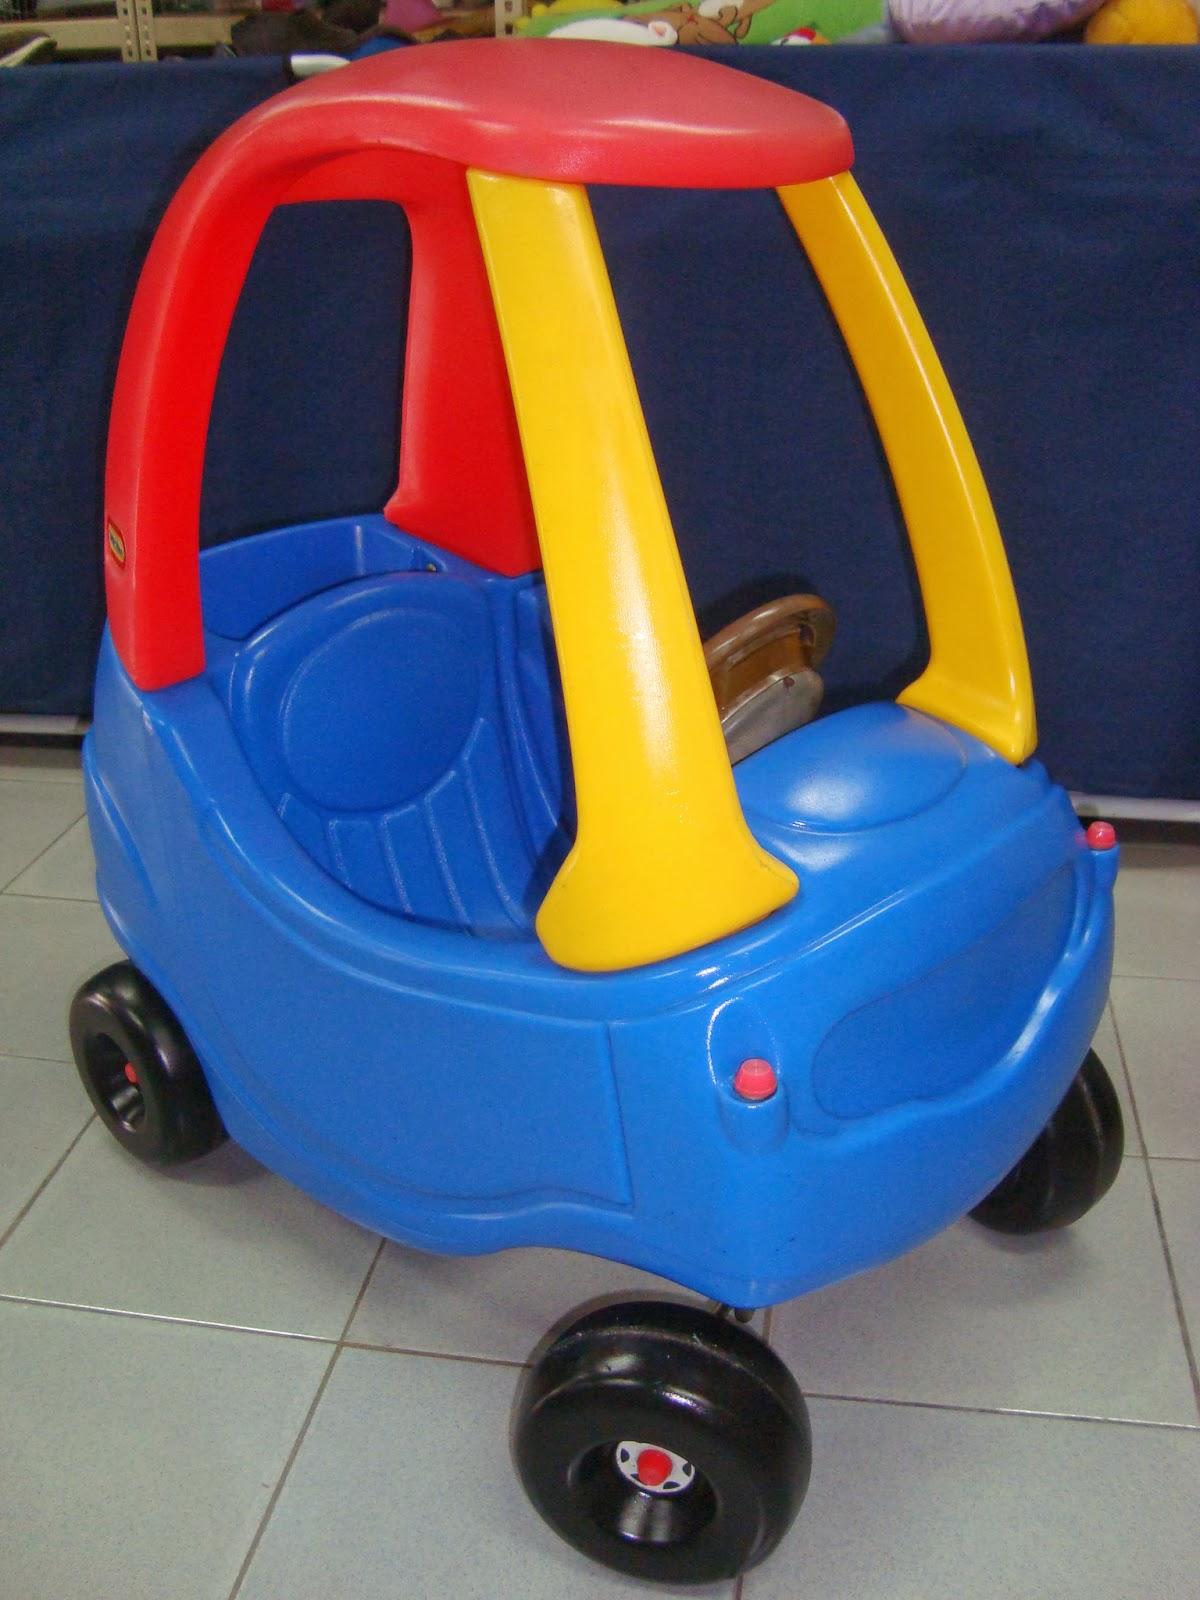 Little Tikes Ride On Toys : Kedai bundle toys thetottoys little tikes cozy coupe ride on